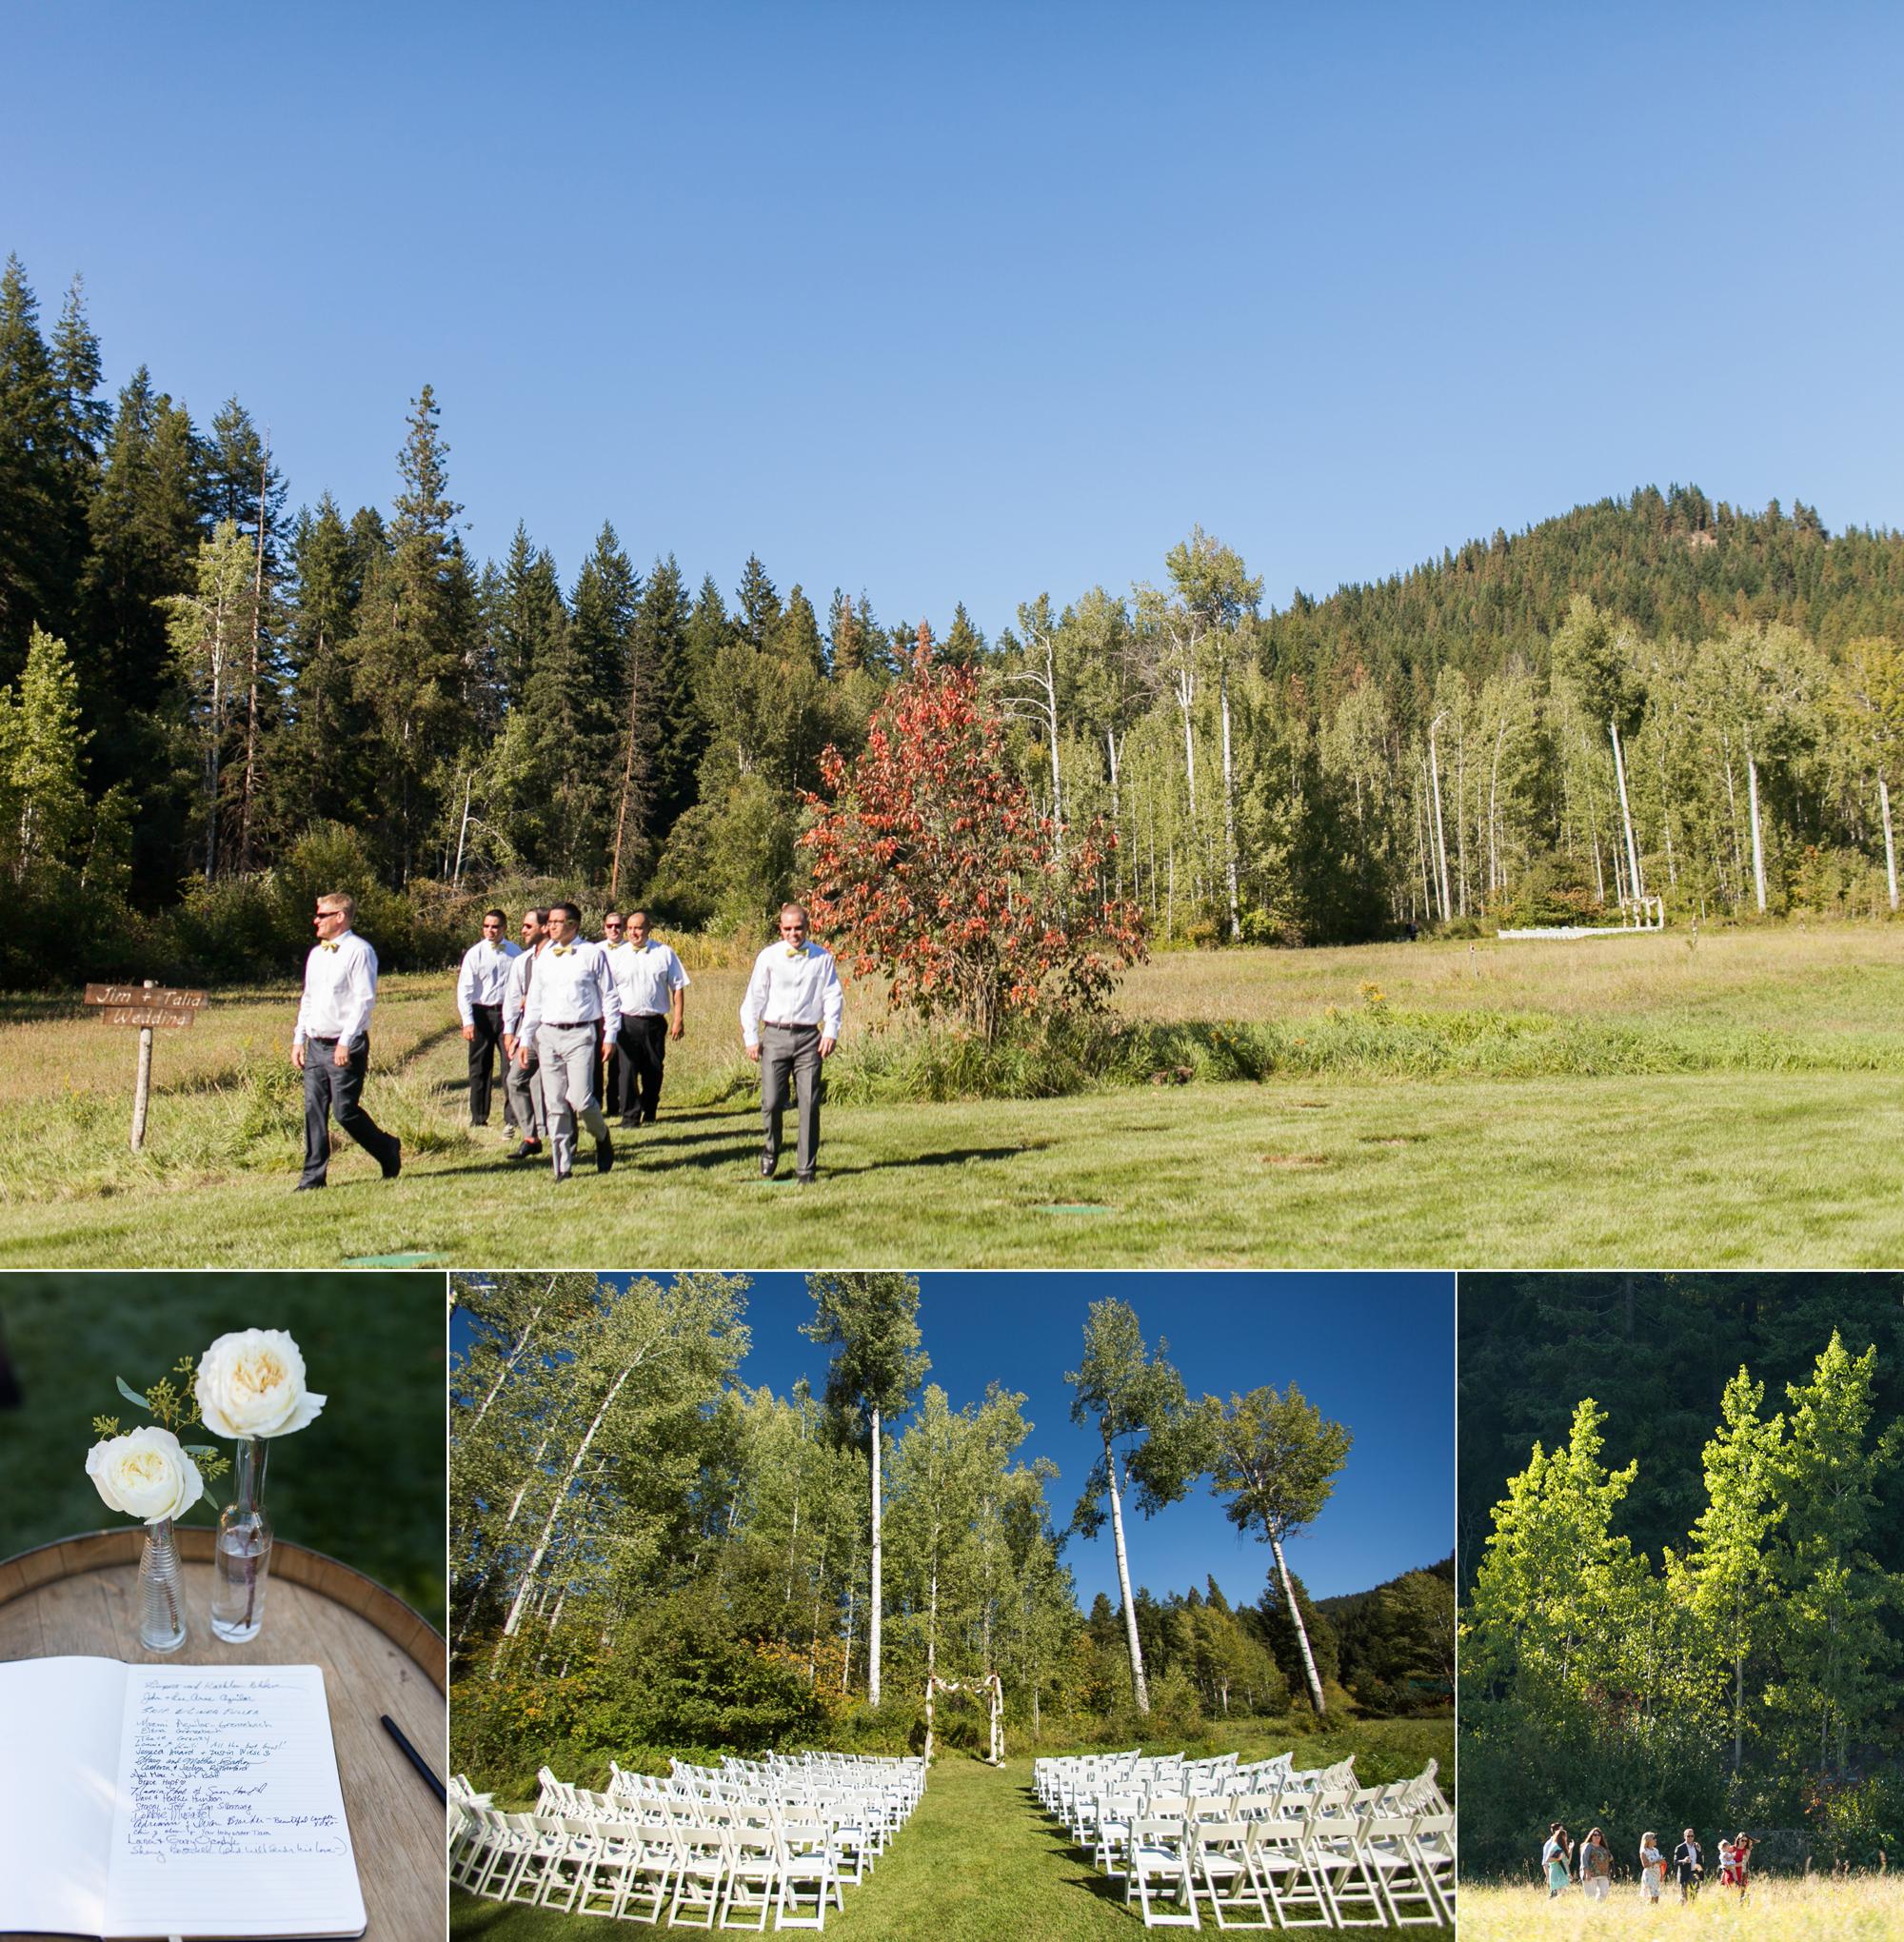 ashley vos photography seattle tacoma area wedding photographer_0816.jpg